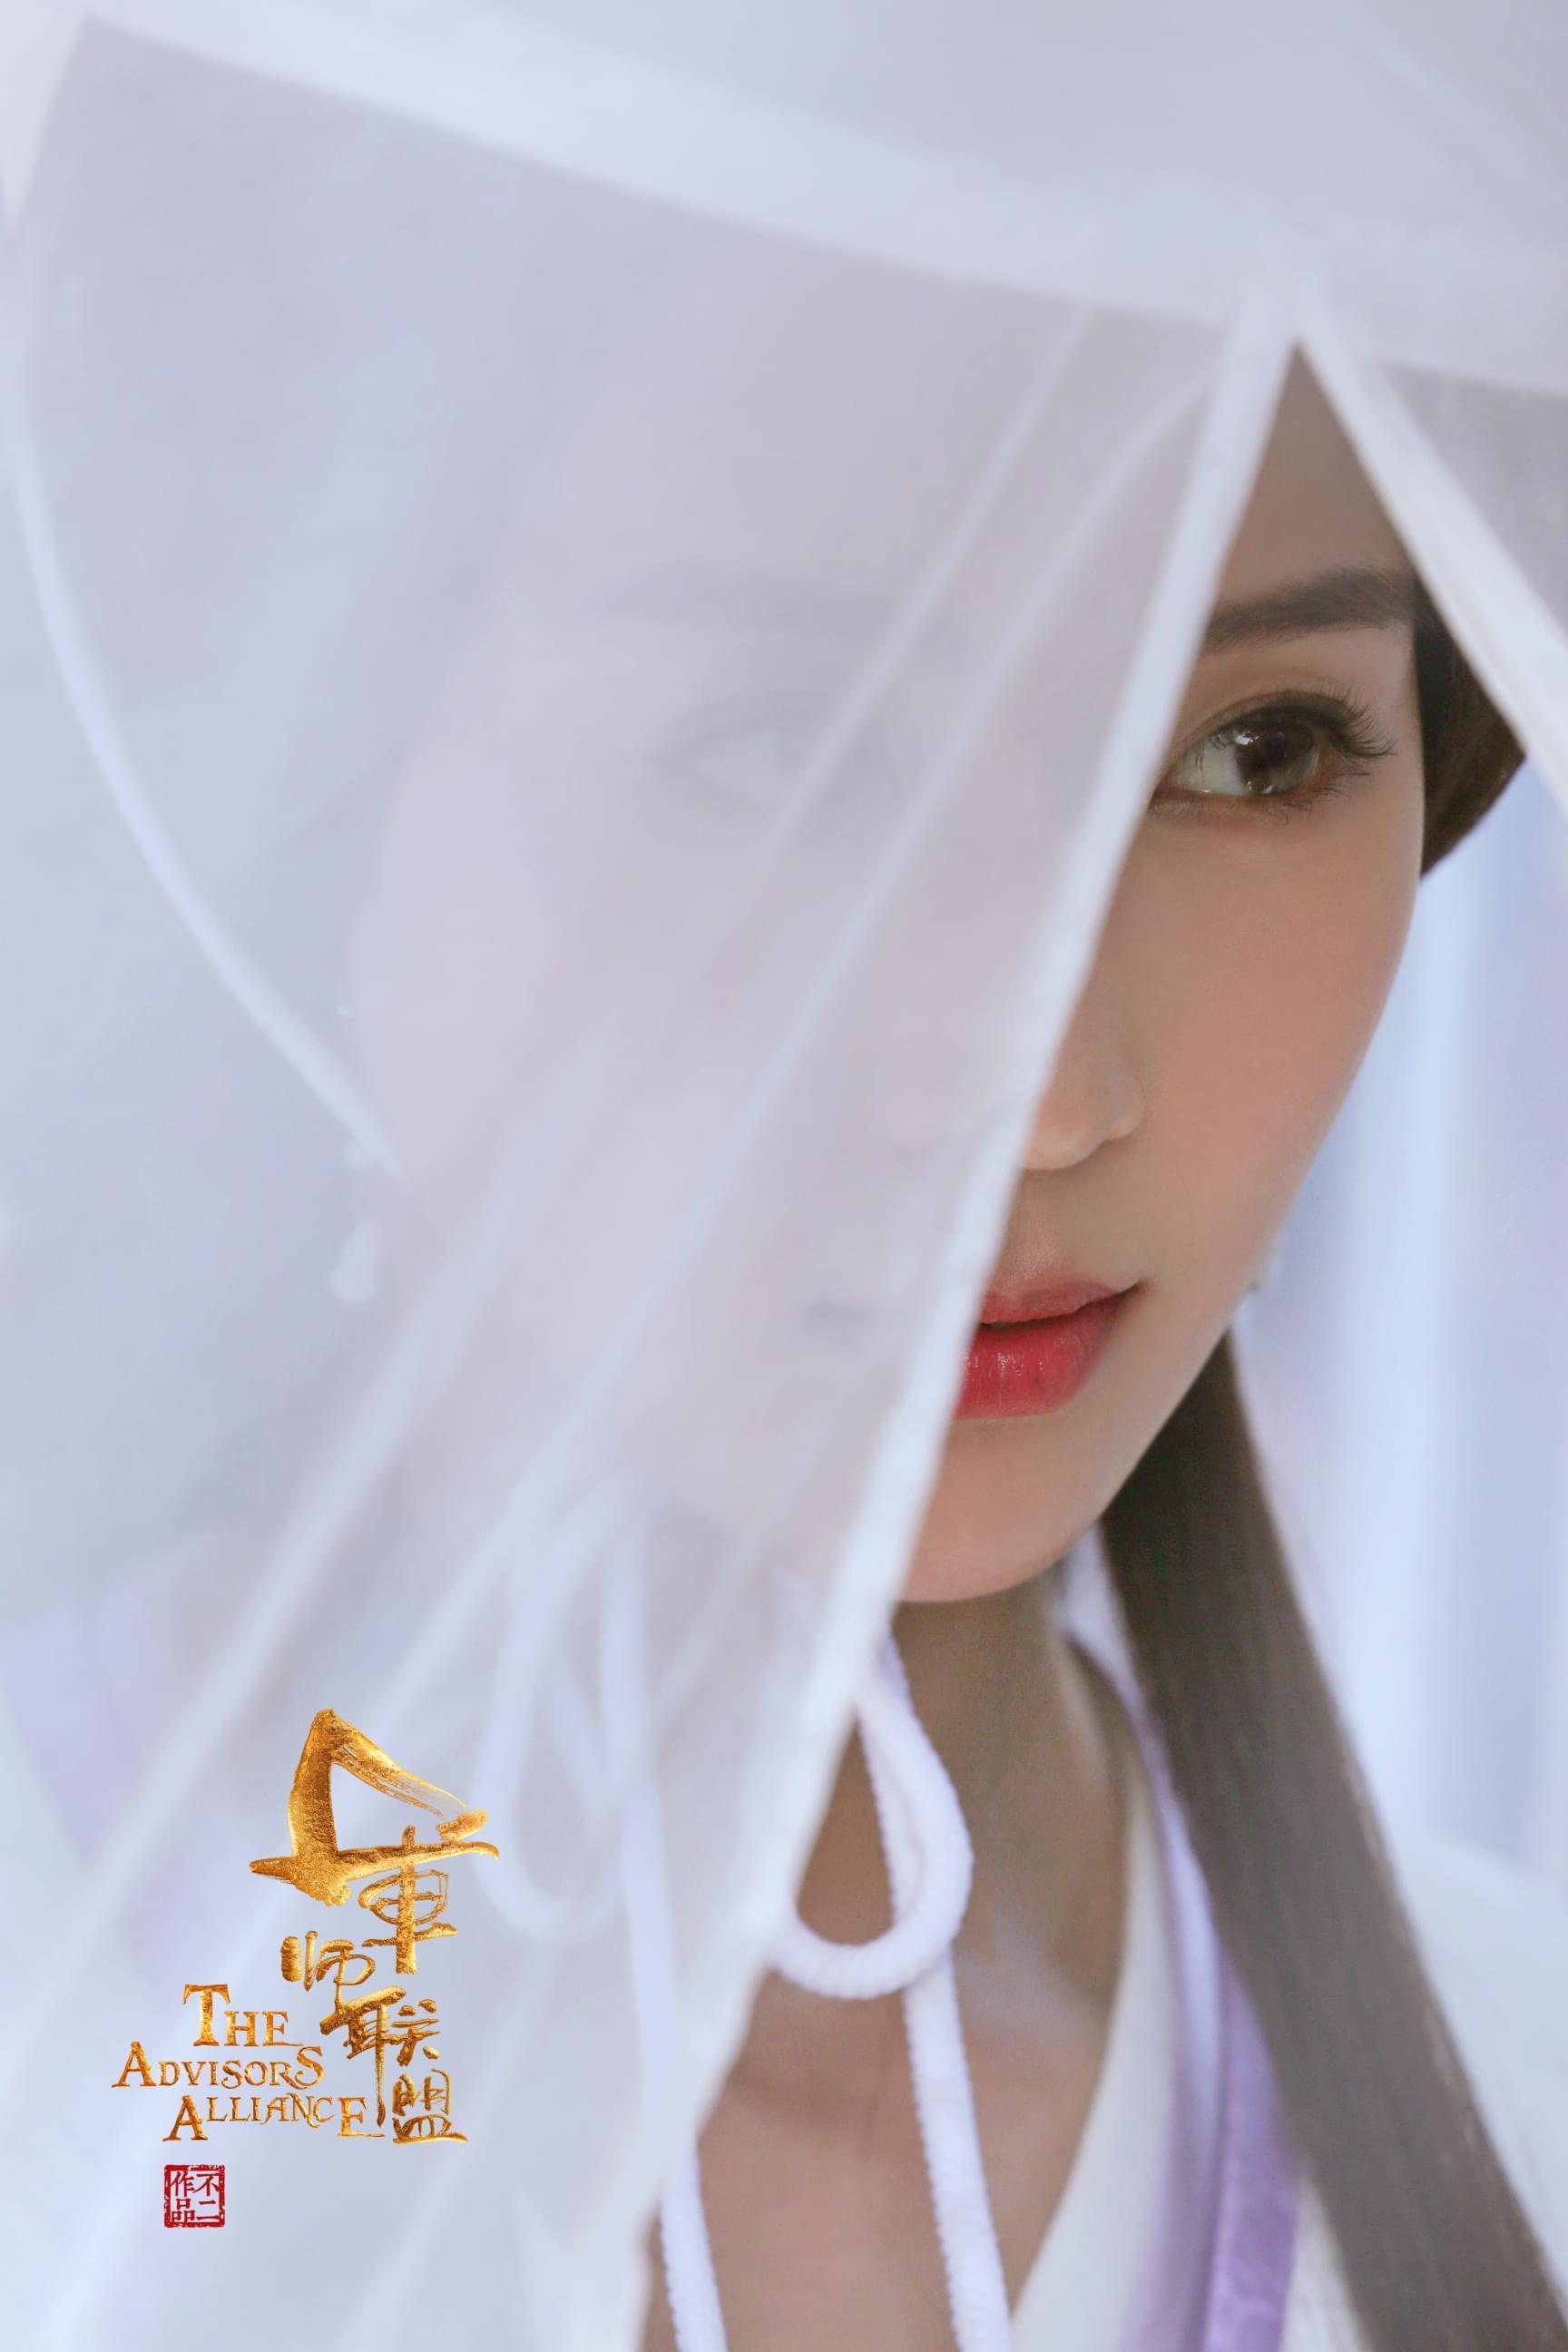 张钧甯《军师联盟》将上线 饰演三国绝色备受期待